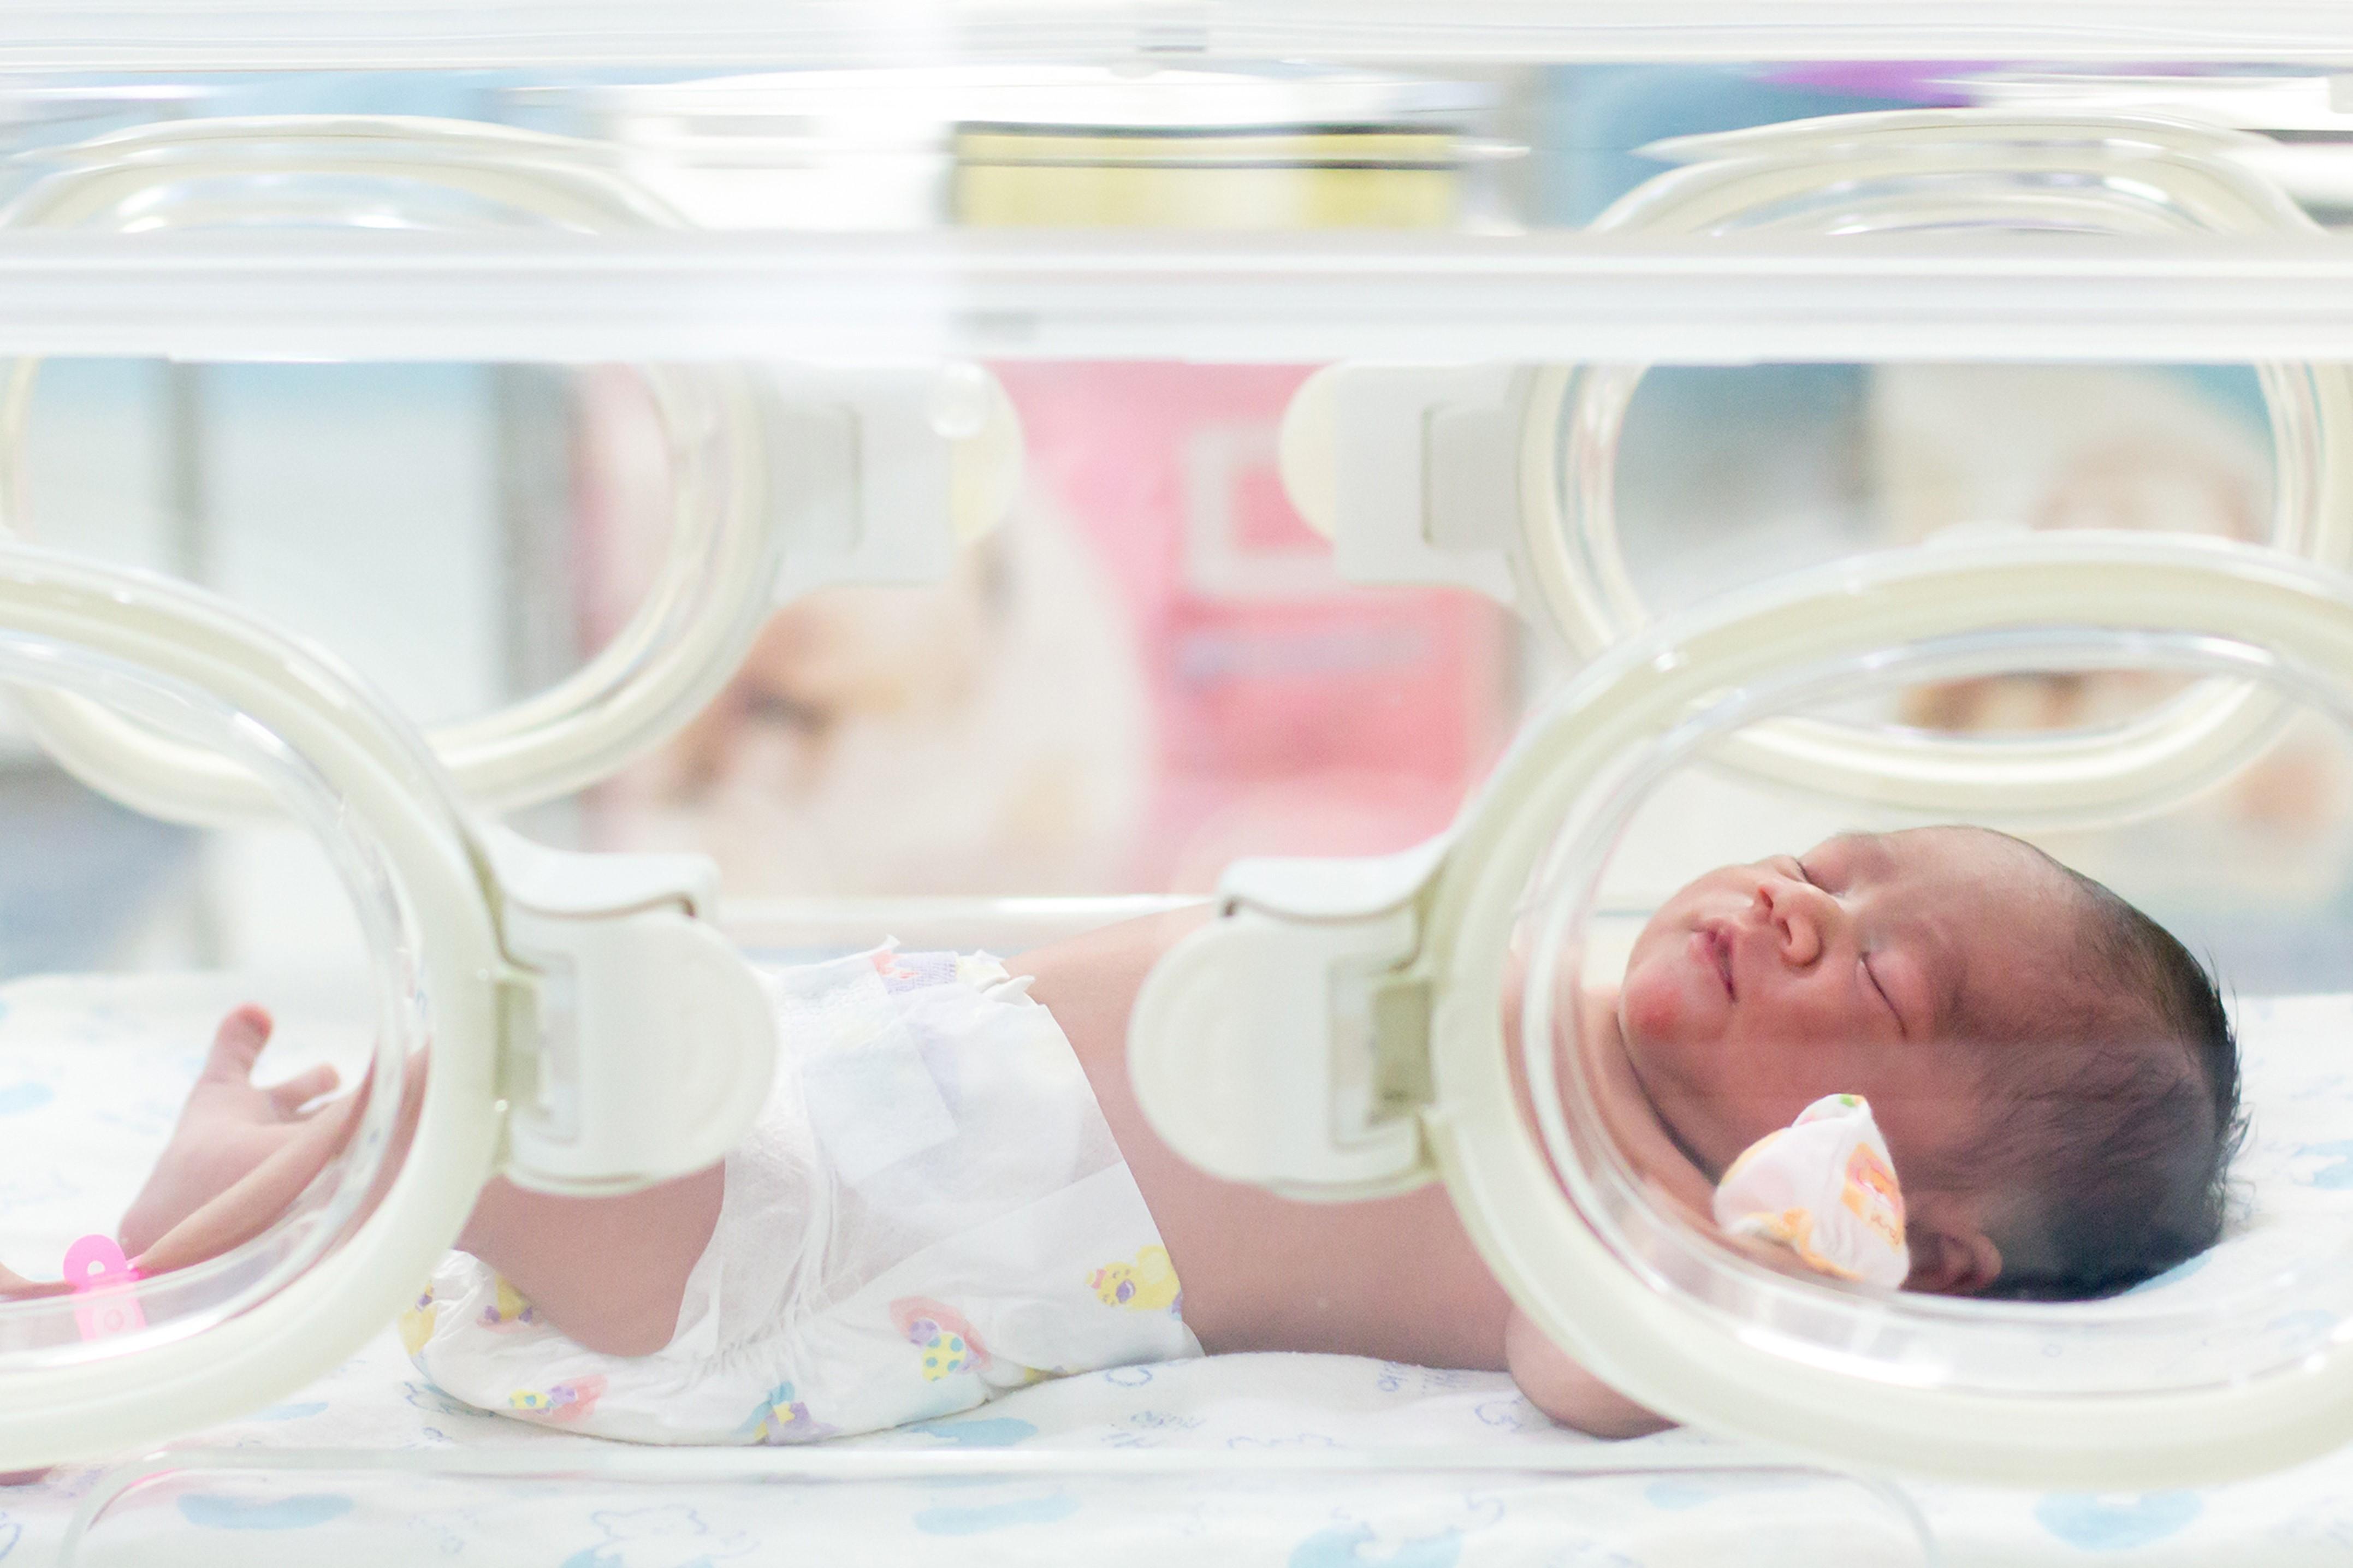 Существуют ли государственные пособиядля недоношенных детей?